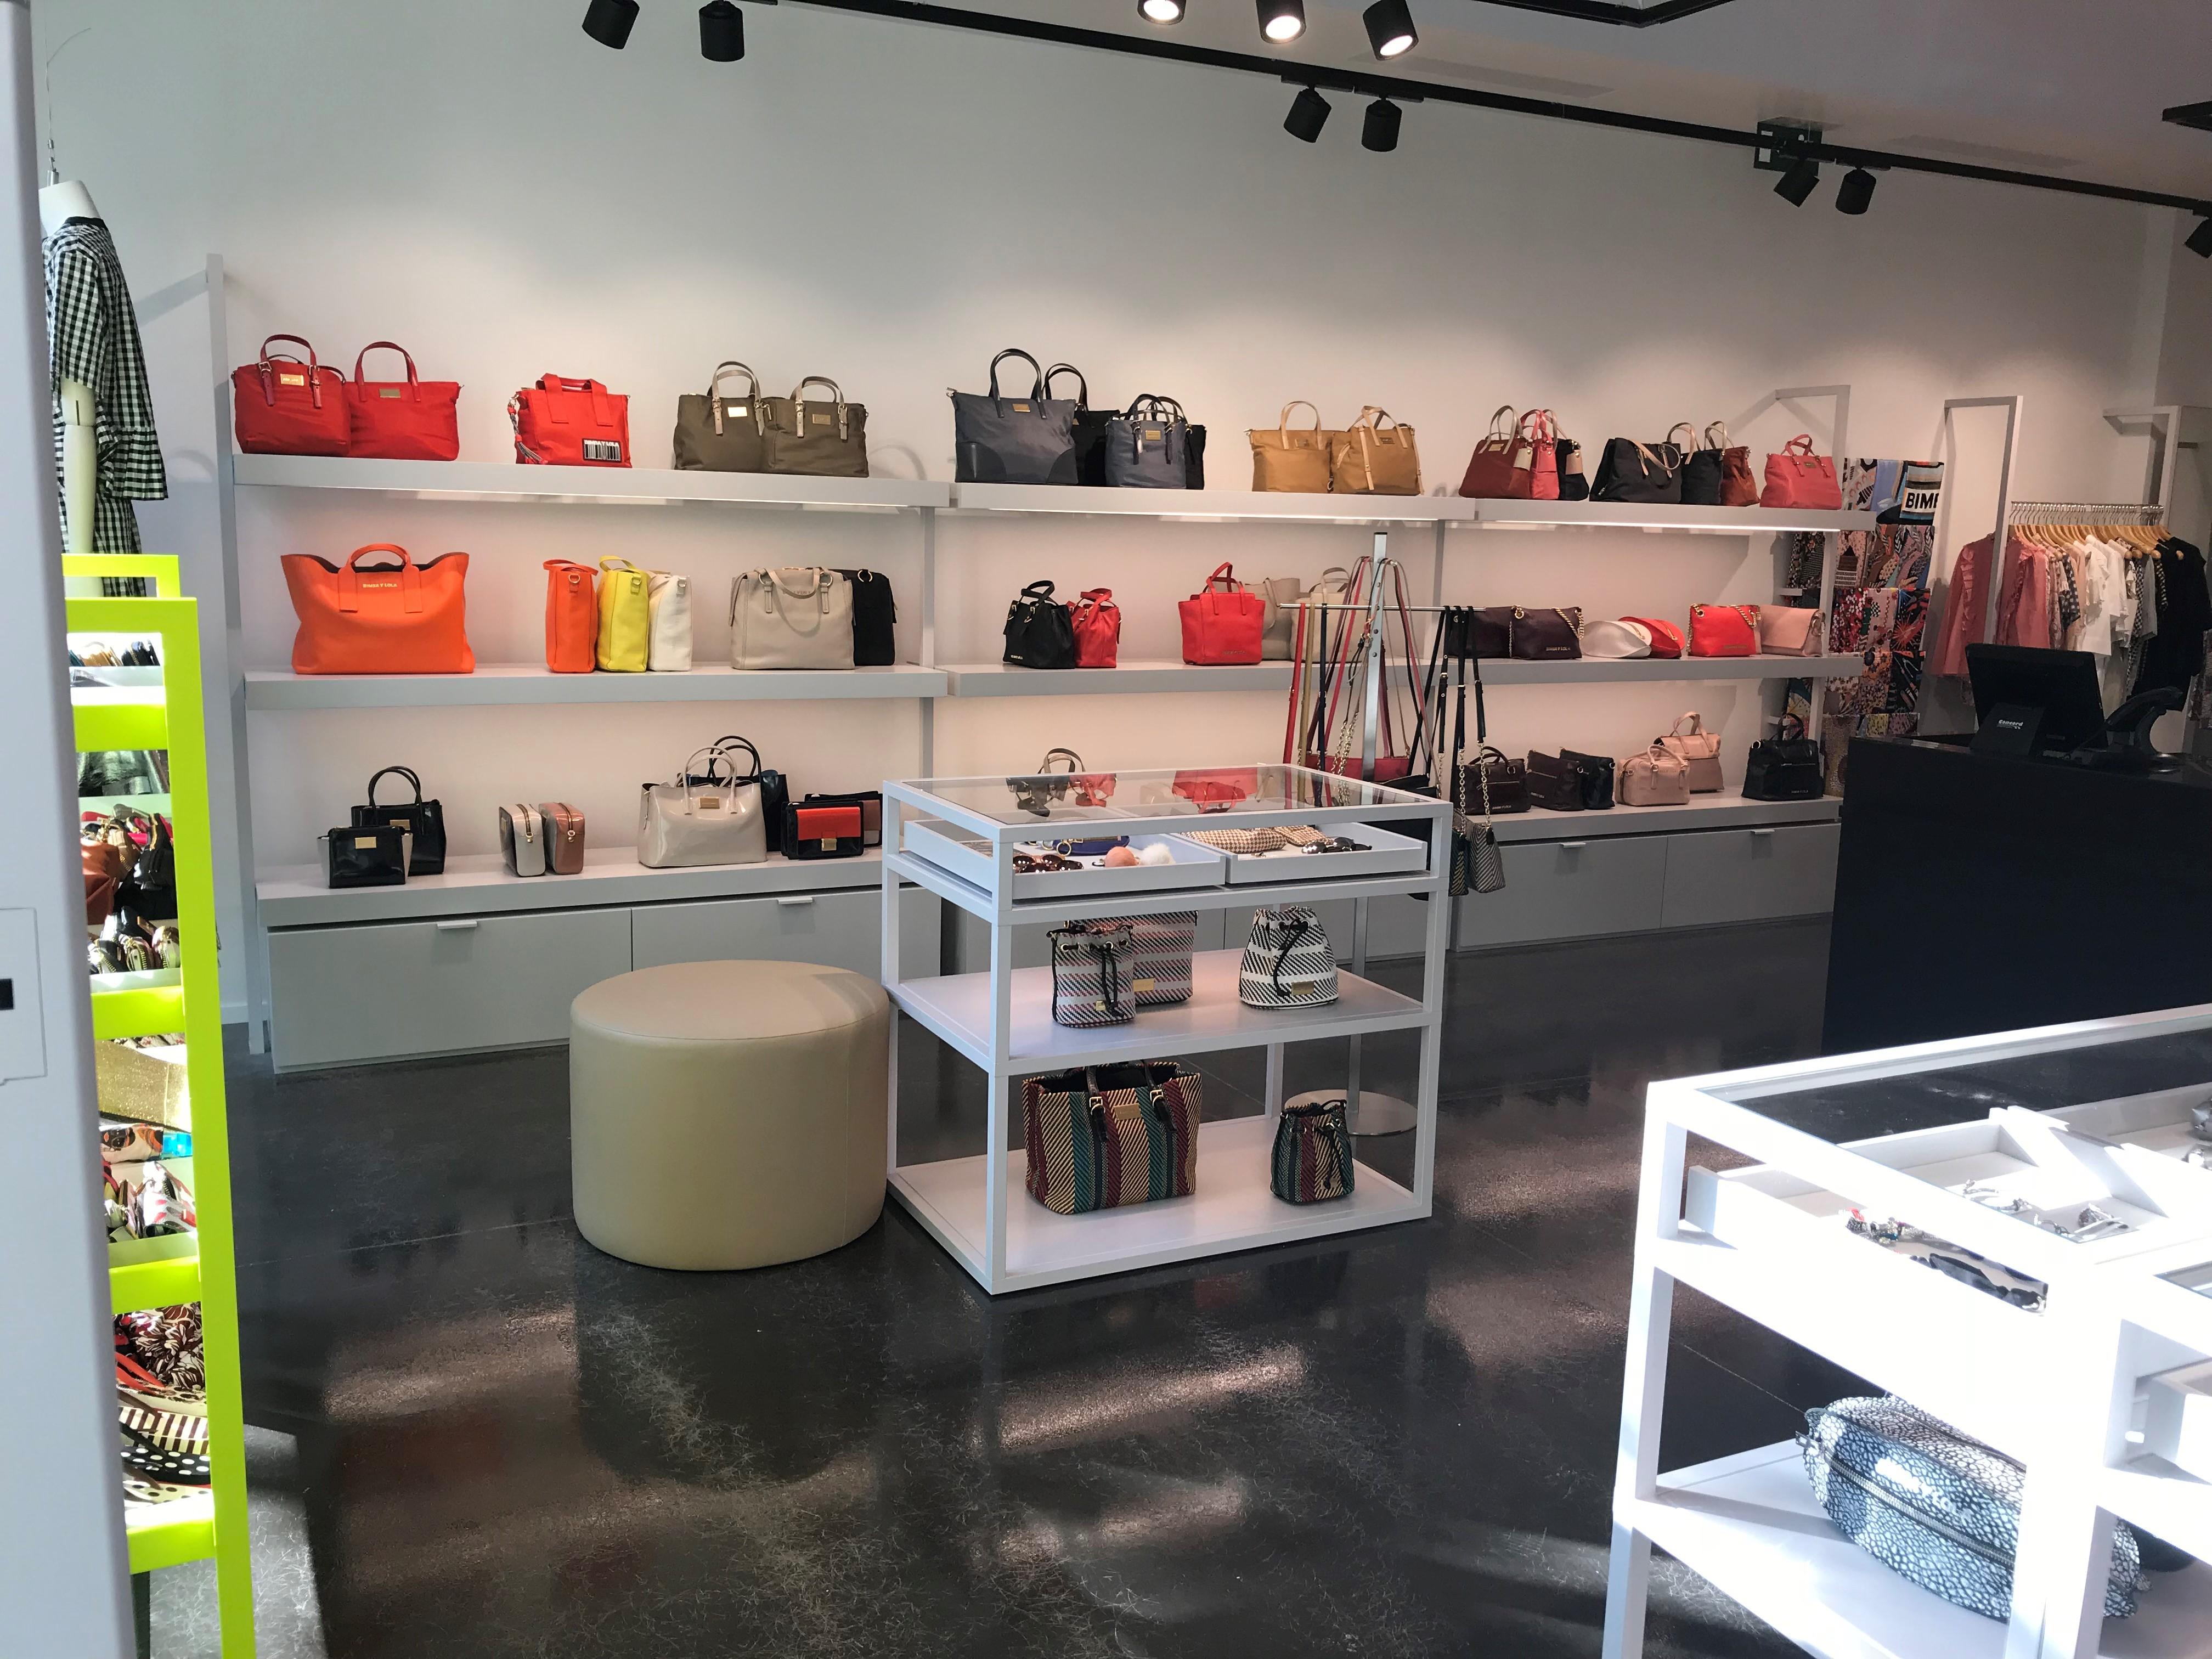 comprar bien volumen grande zapatos deportivos Tienda Outlet de Bimba y Lola • Las Rozas Village